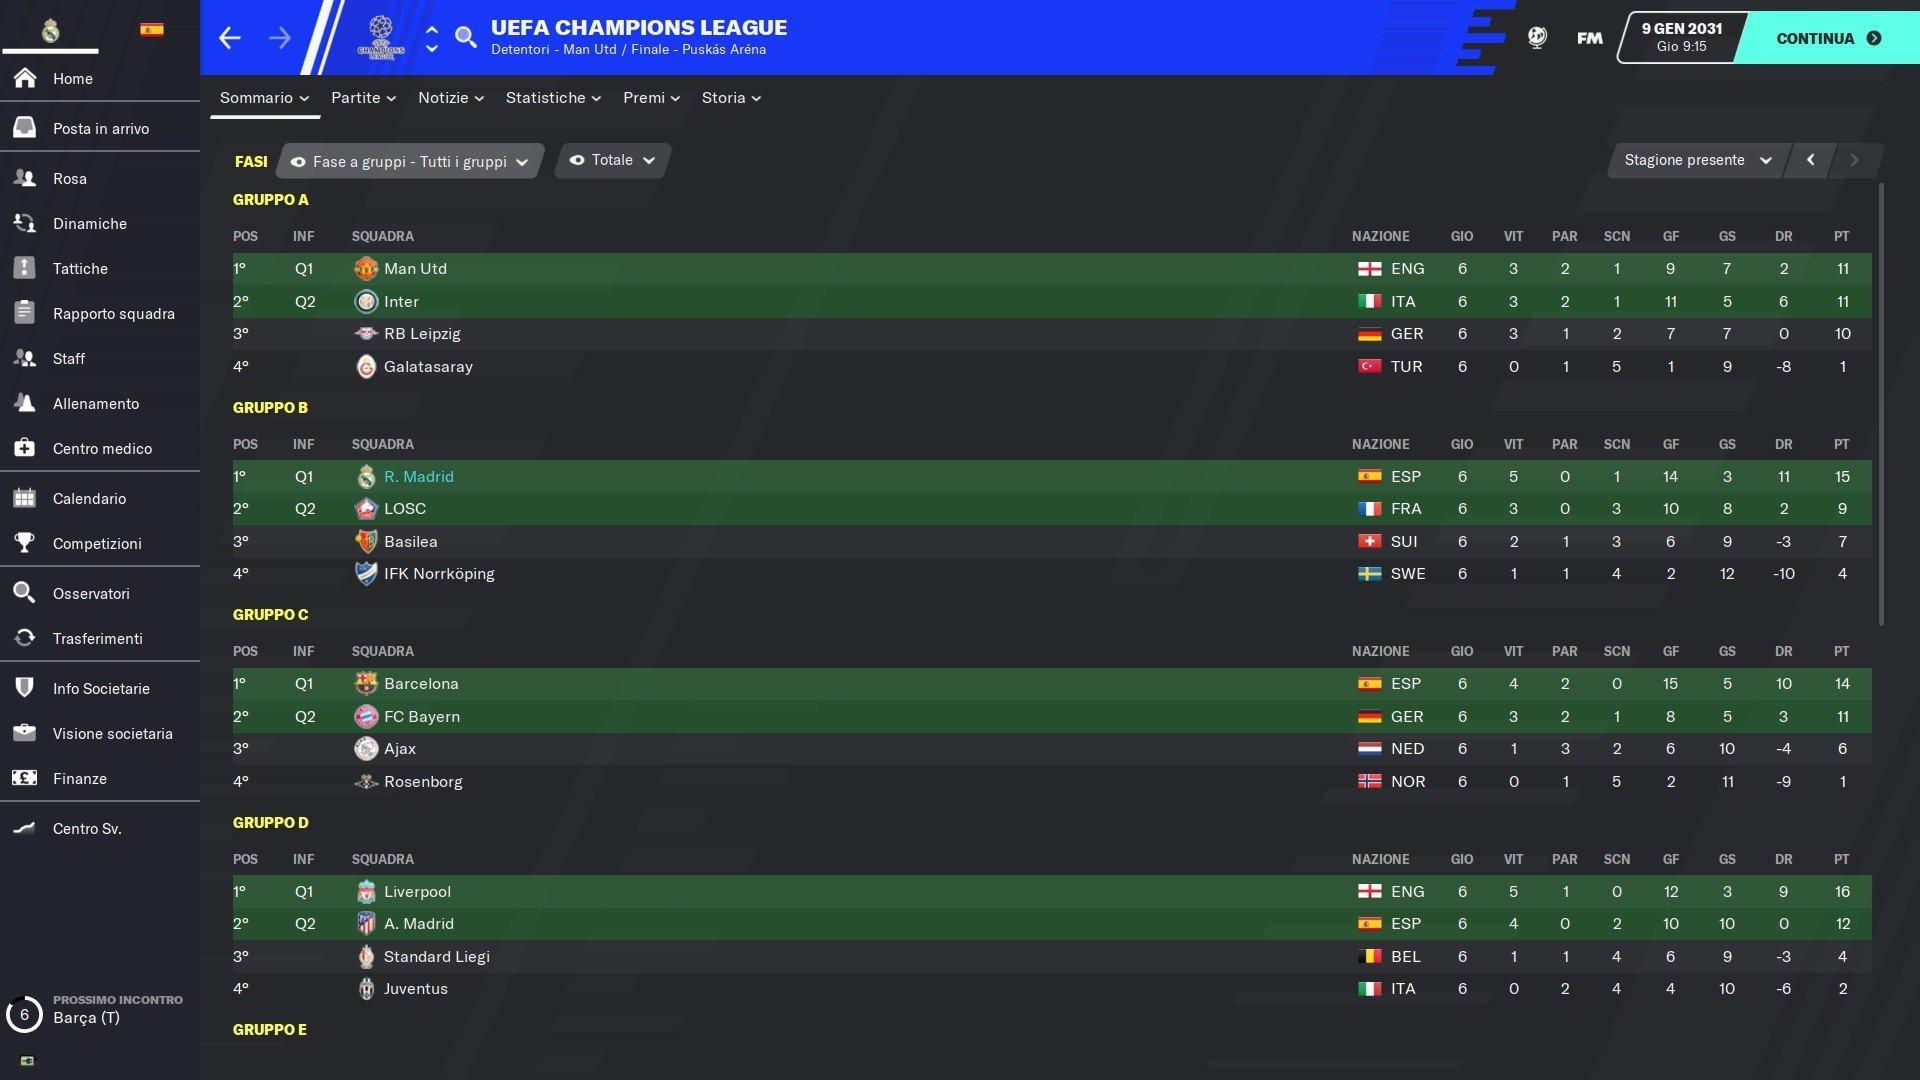 2 gironi champions